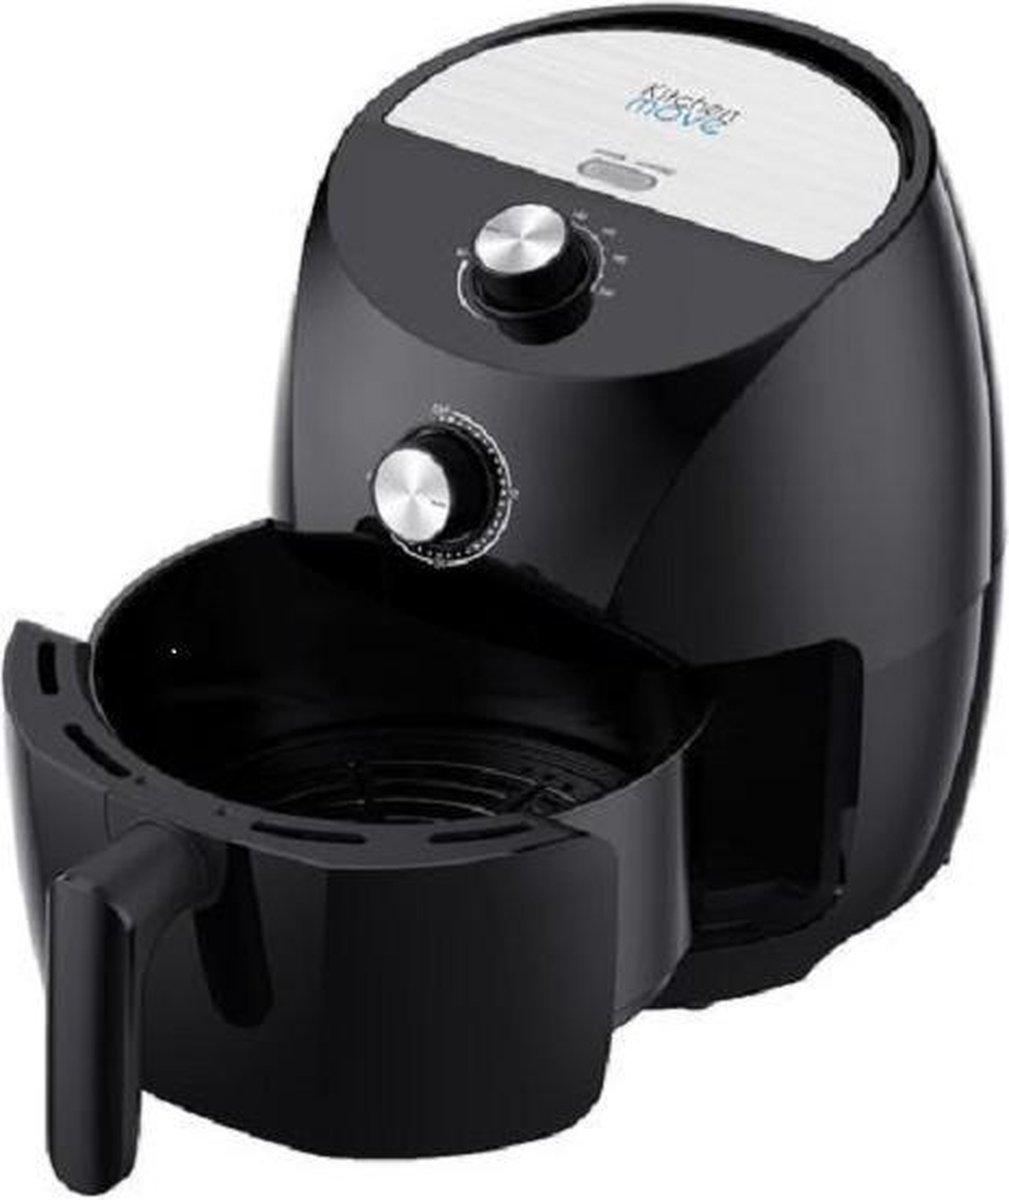 Heteluchtfriteuse van Kitchen Move (inhoud: 3,5 liter)